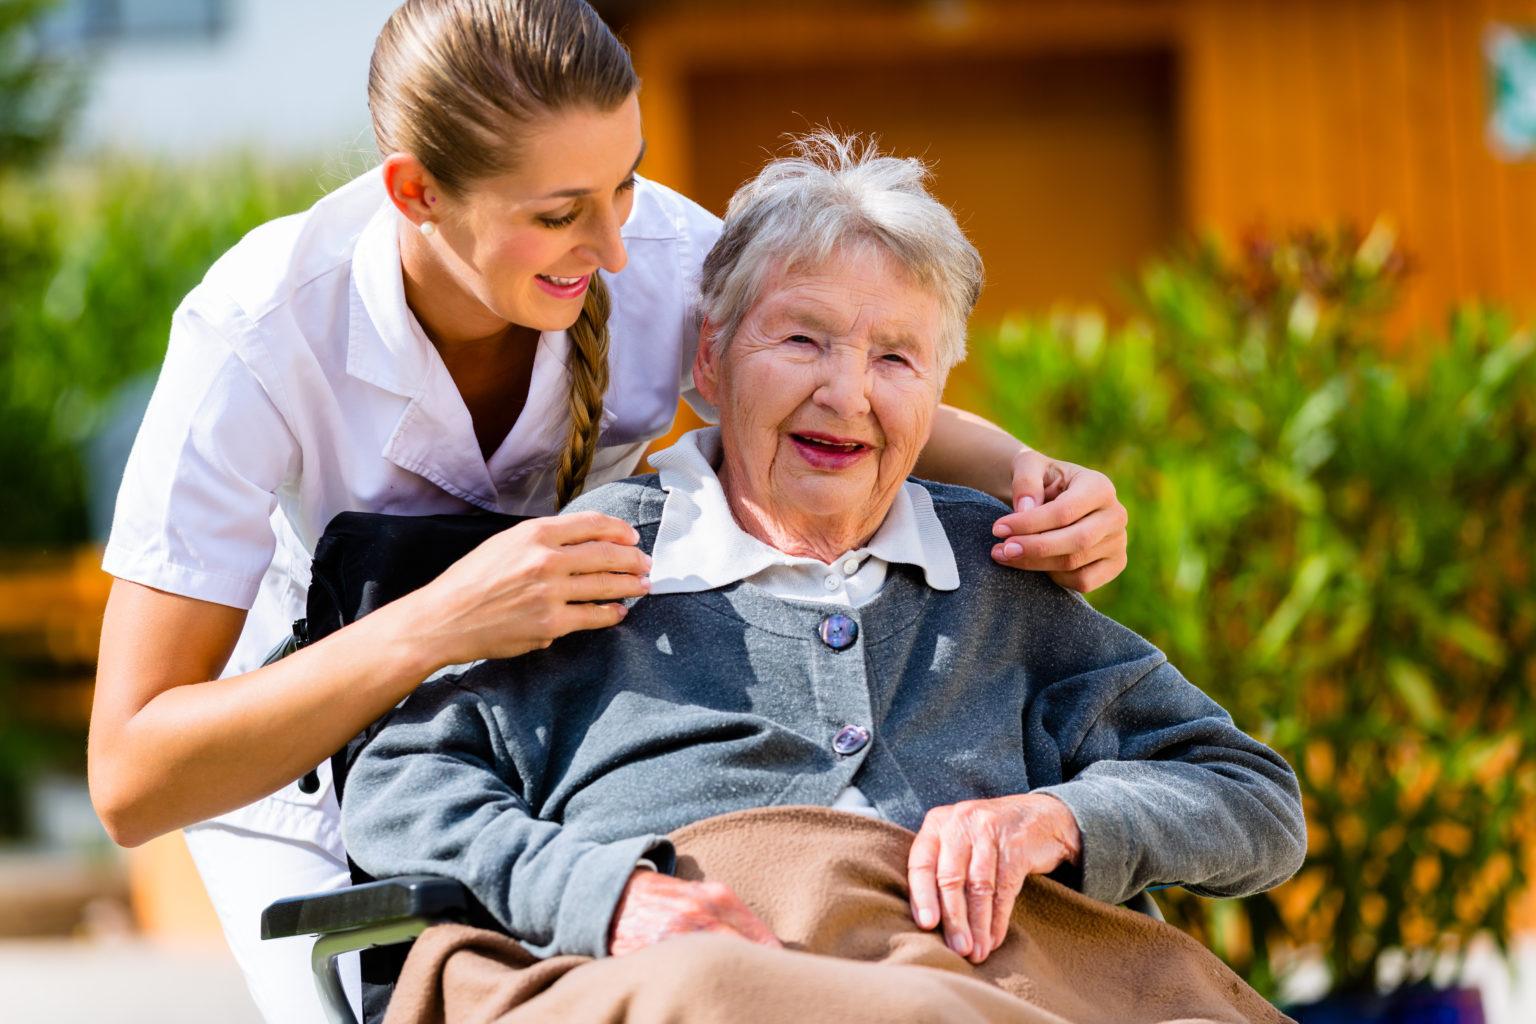 Seniorin mit Altenpflegerin im Garten